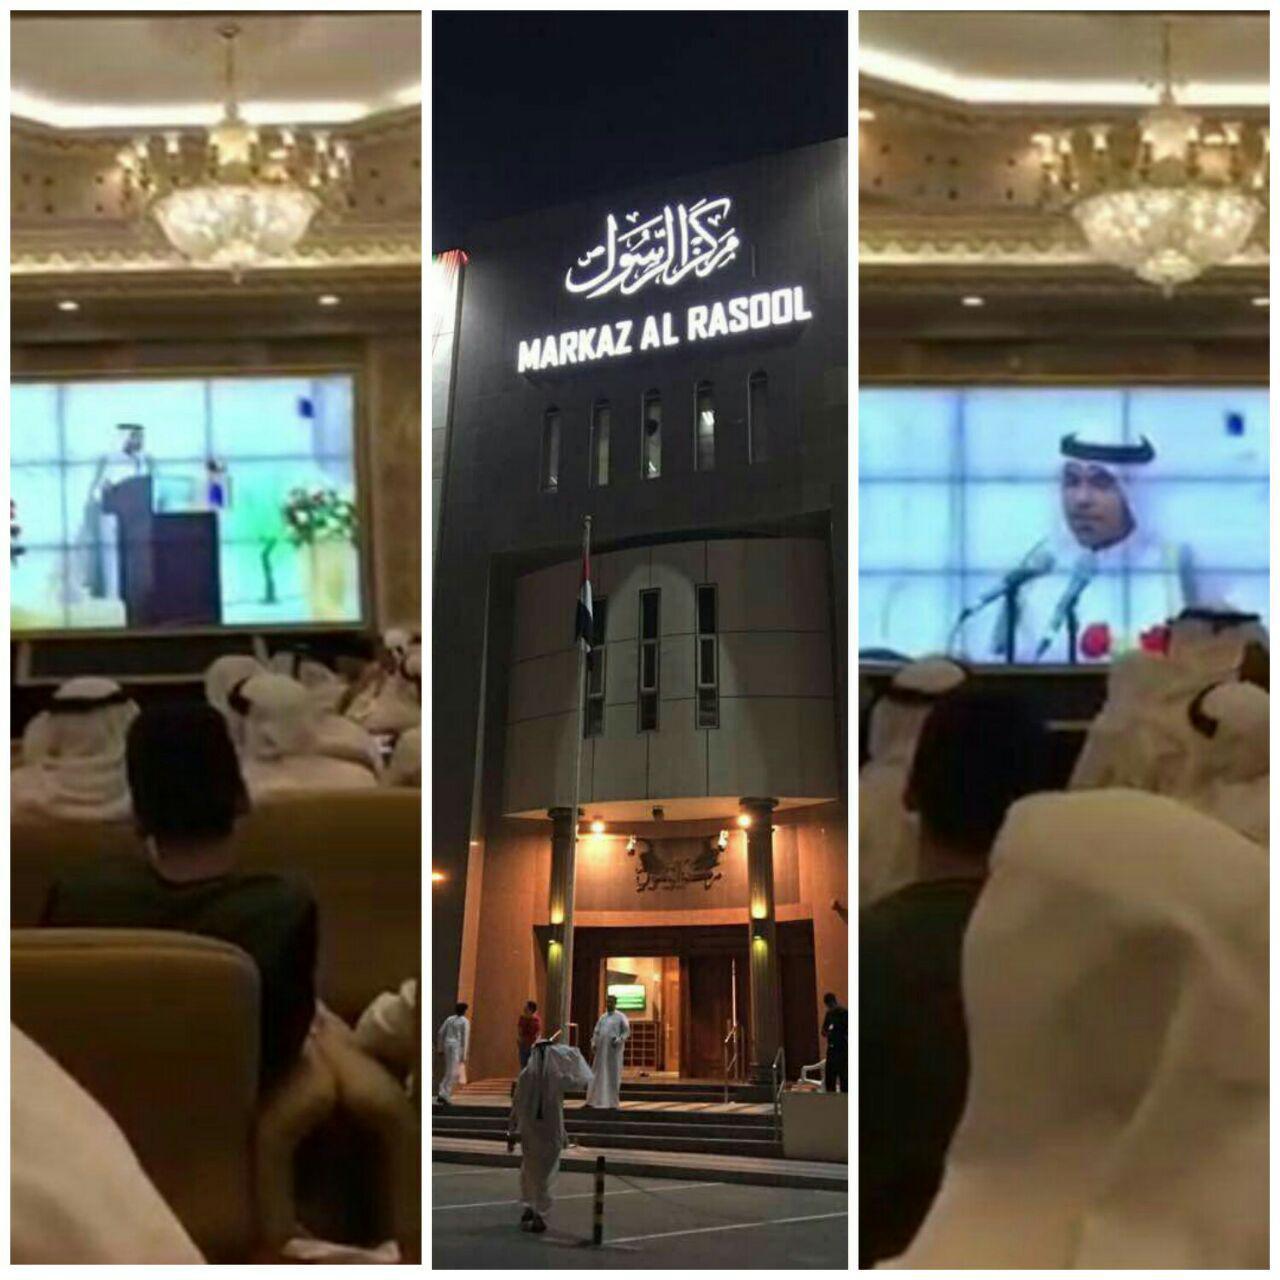 تصویر برگزاری مراسم میلاد پربرکت امام عصر عجل الله فرجه الشریف در مرکز رسول اعظم کشور امارات